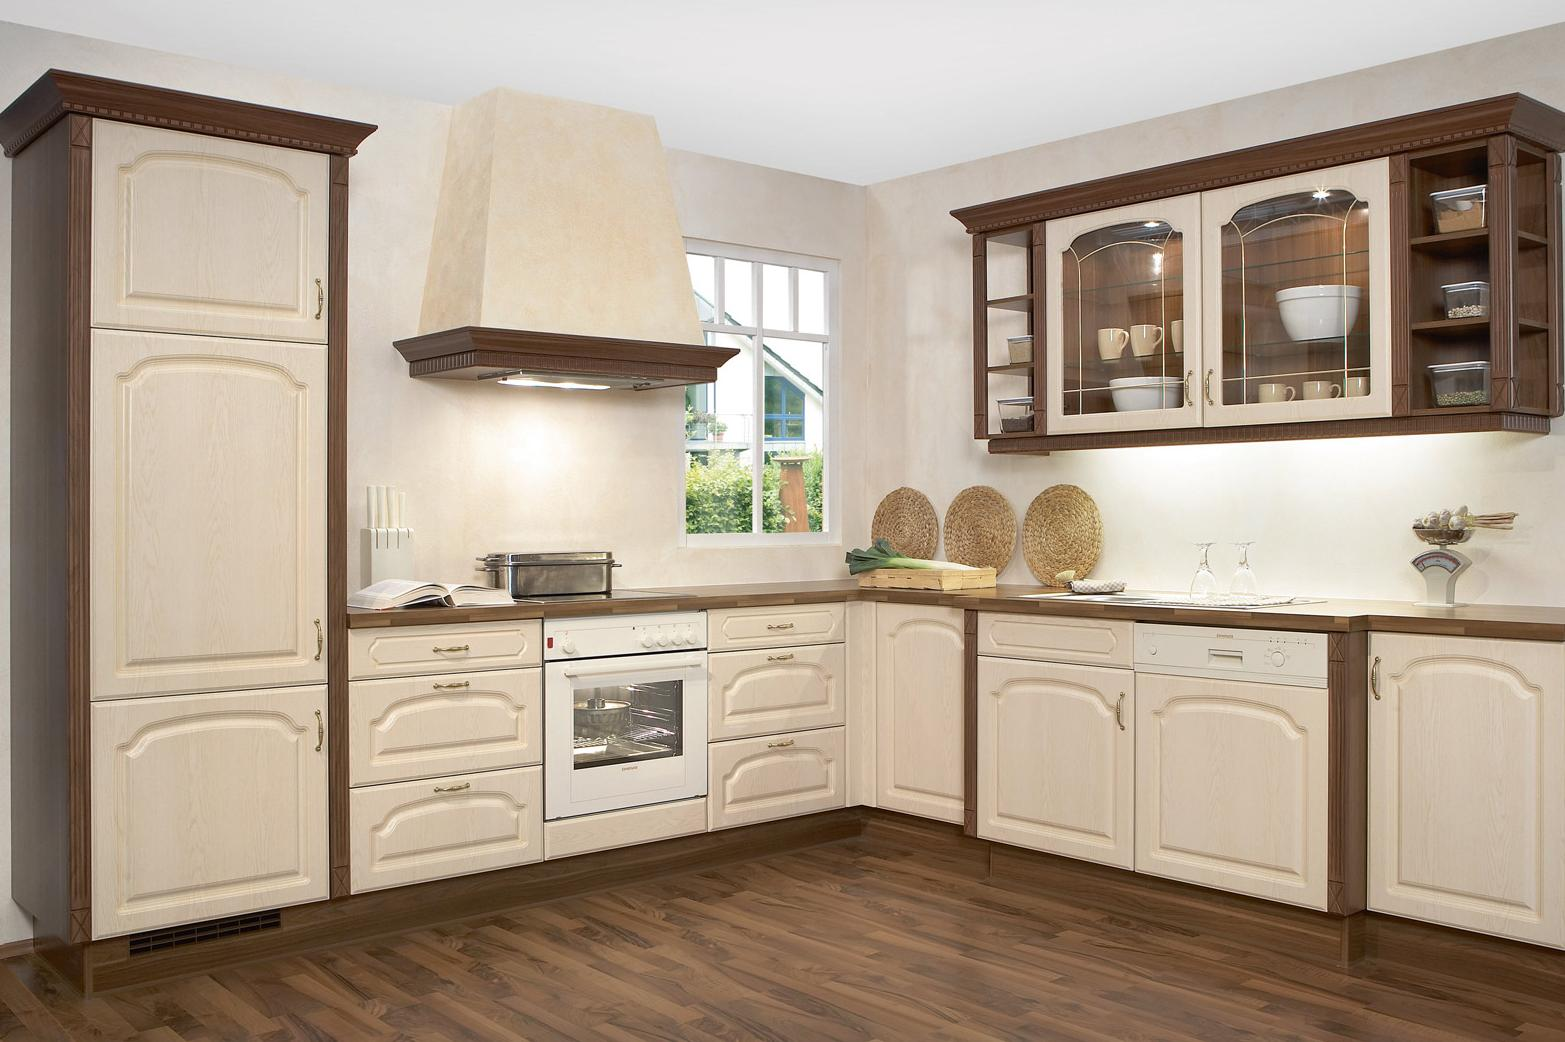 La fabrica de cocinas hd 1080p 4k foto - Fabrica cocinas ...